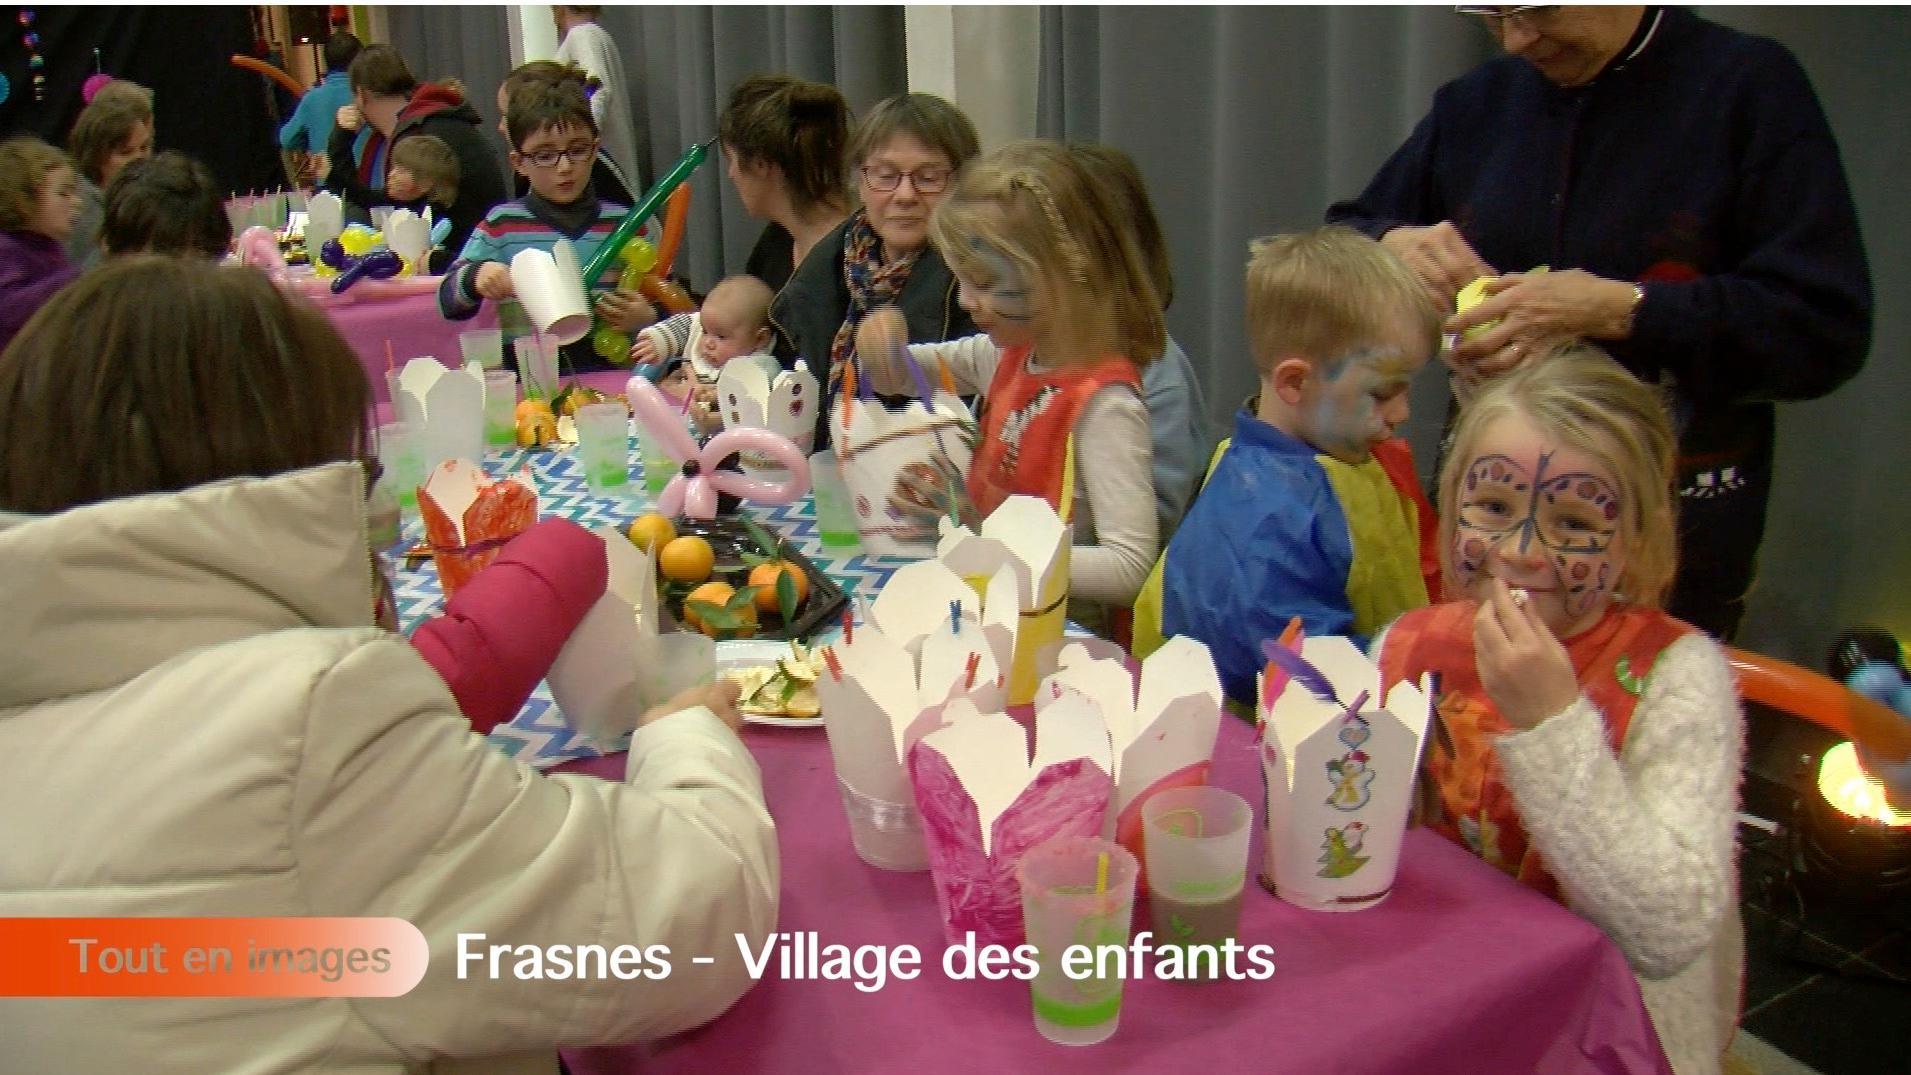 Le village des enfants de Frasnes